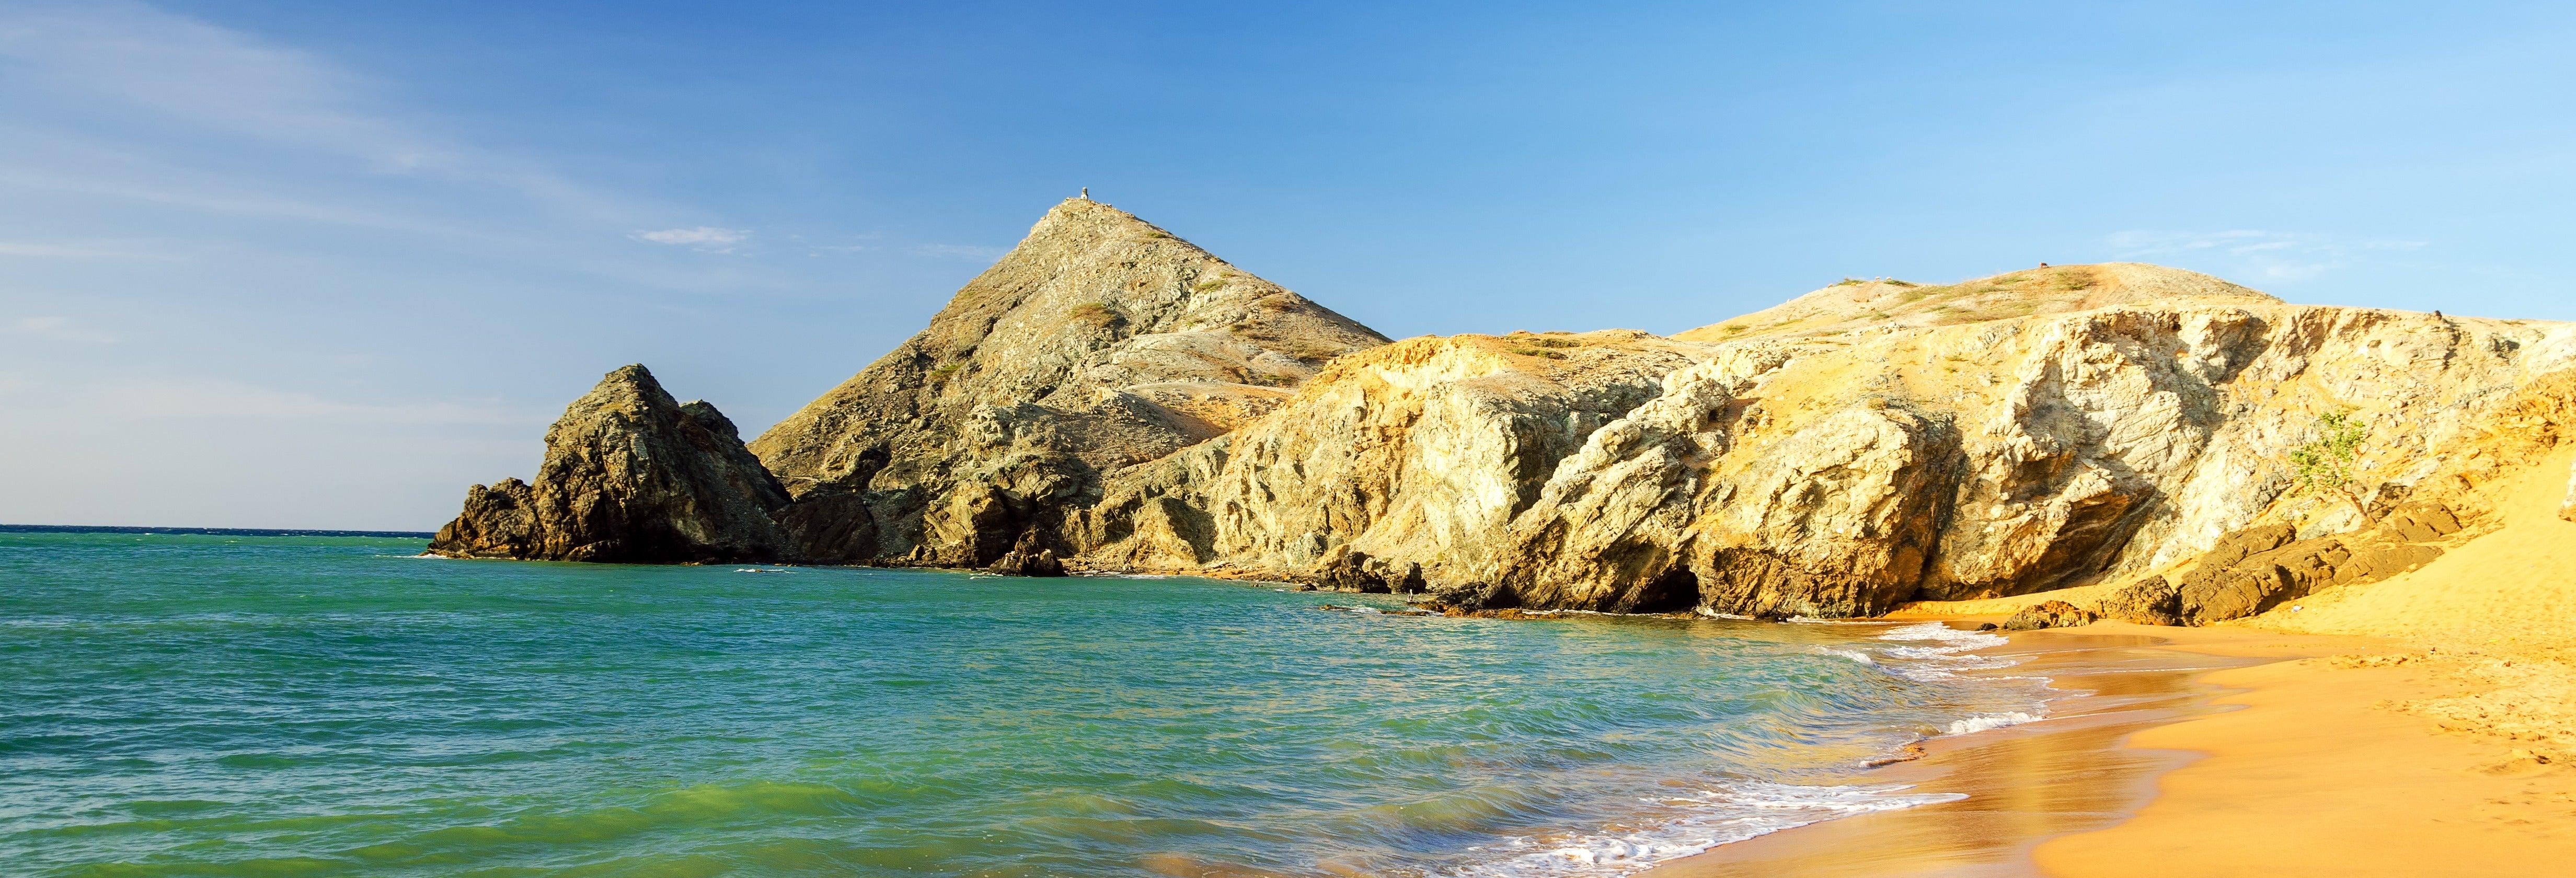 Excursión a las playas de Cabo de la Vela